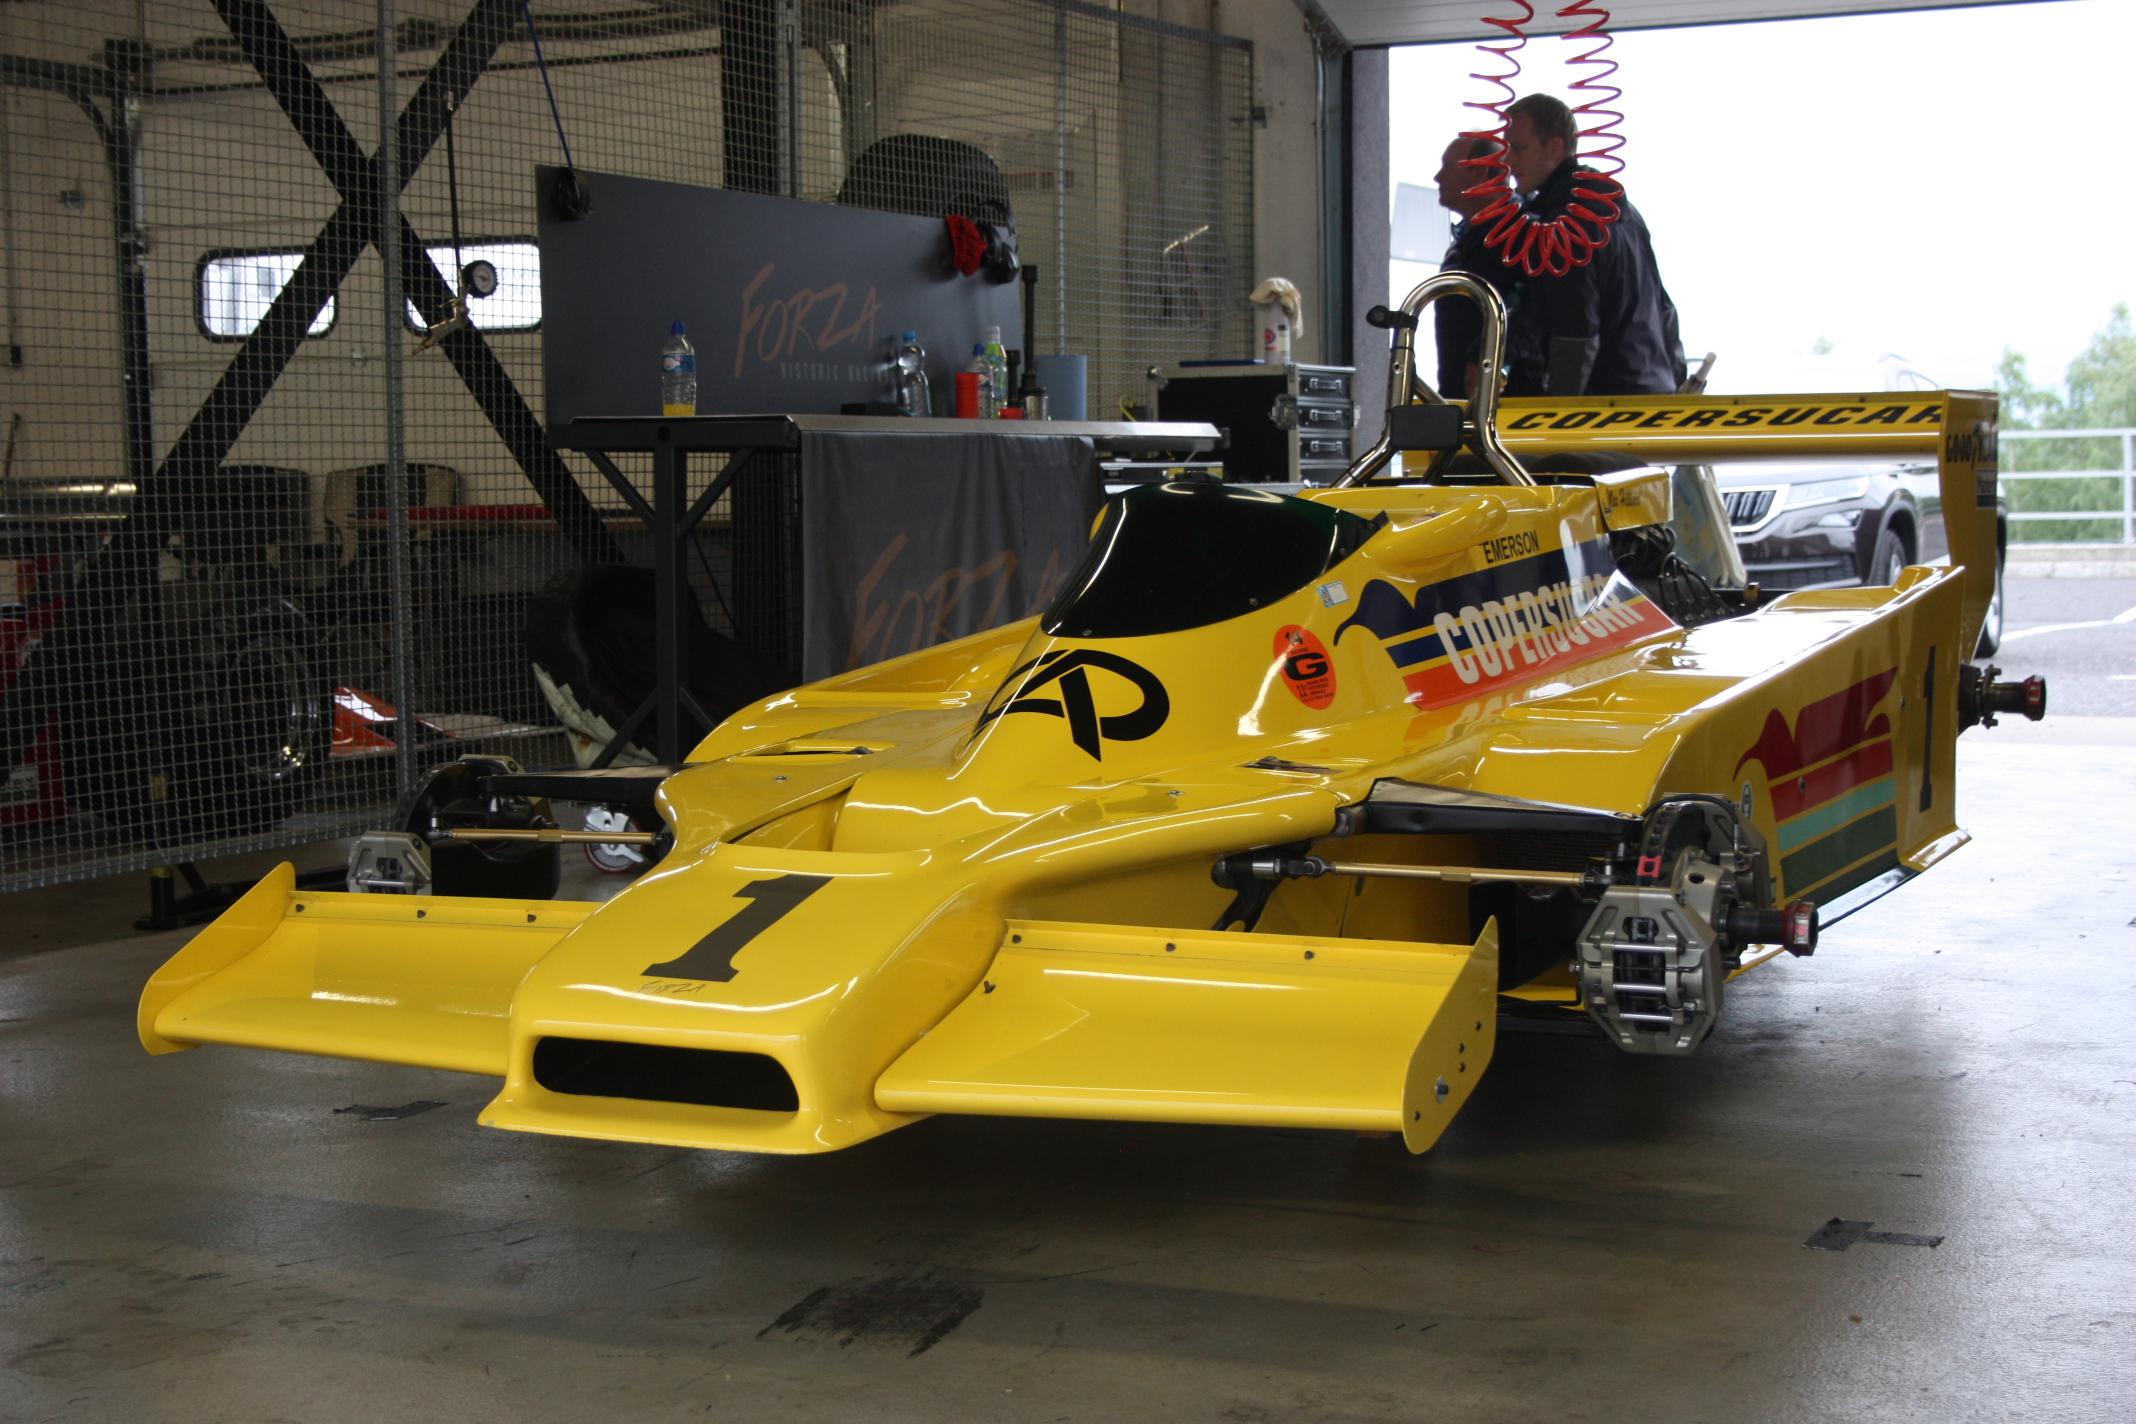 Fittipaldiho nesplněný sen: Brazilský vůz s číslem 1 mistra světa...